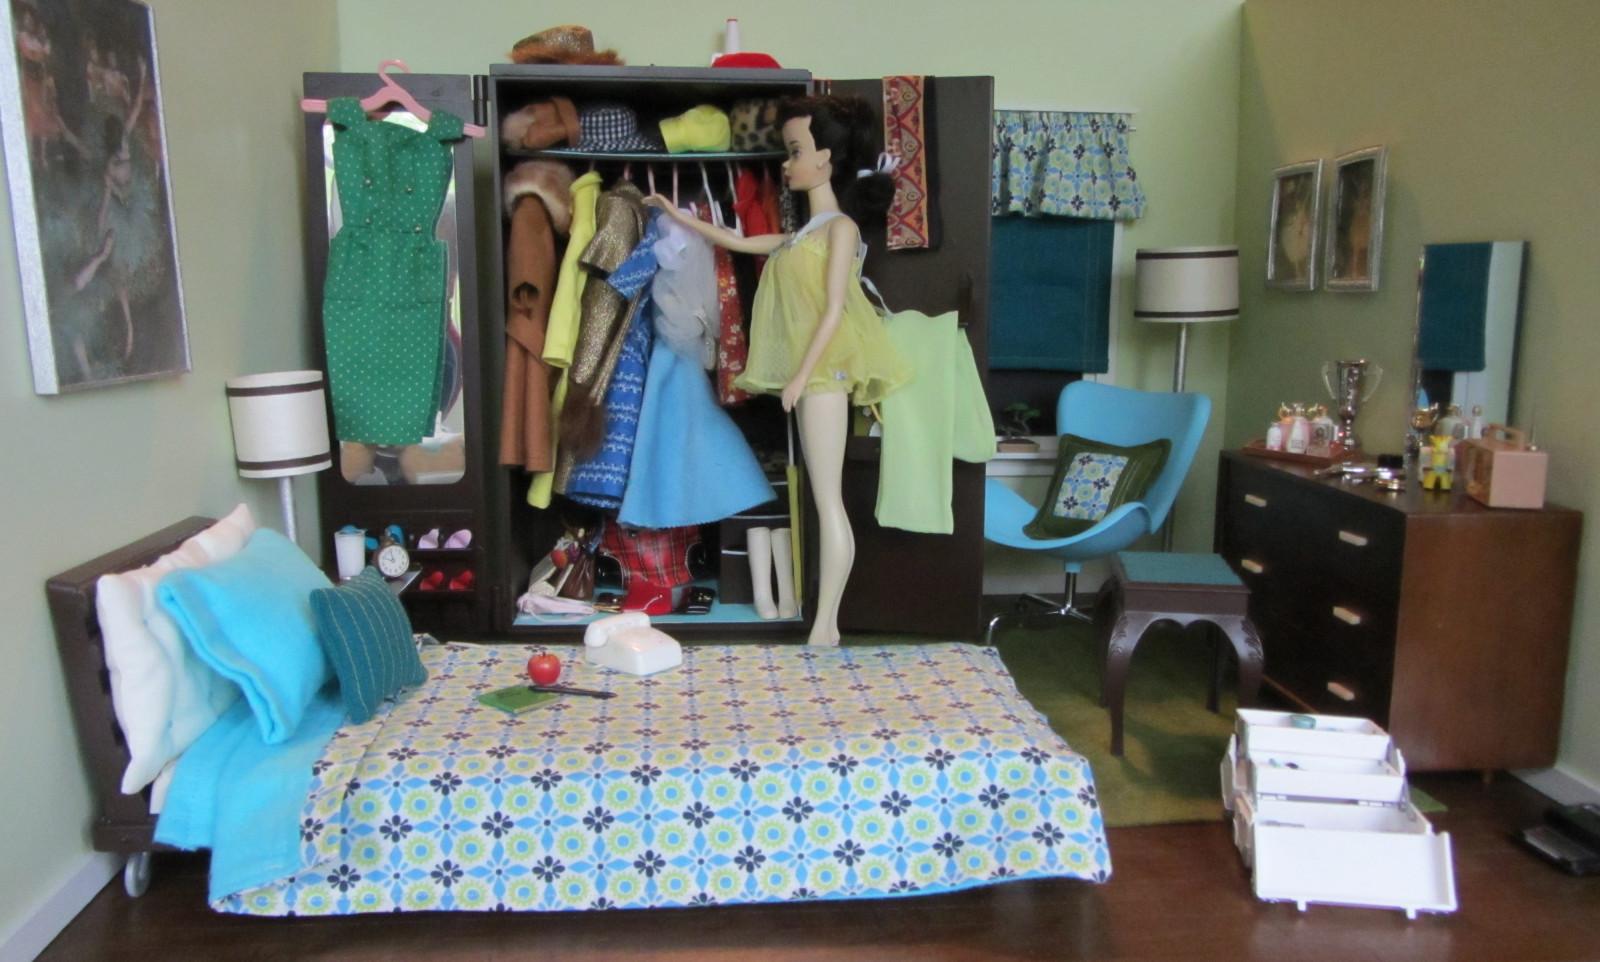 Hintergrundbilder : Brünette, Zimmer, Schatten, Bett, Holz, Haus, Gelb,  Modern, Braun, Baby, Pferdeschwanz, Jahrgang, Schlafzimmer,  Innenarchitektur, Puppe, ...